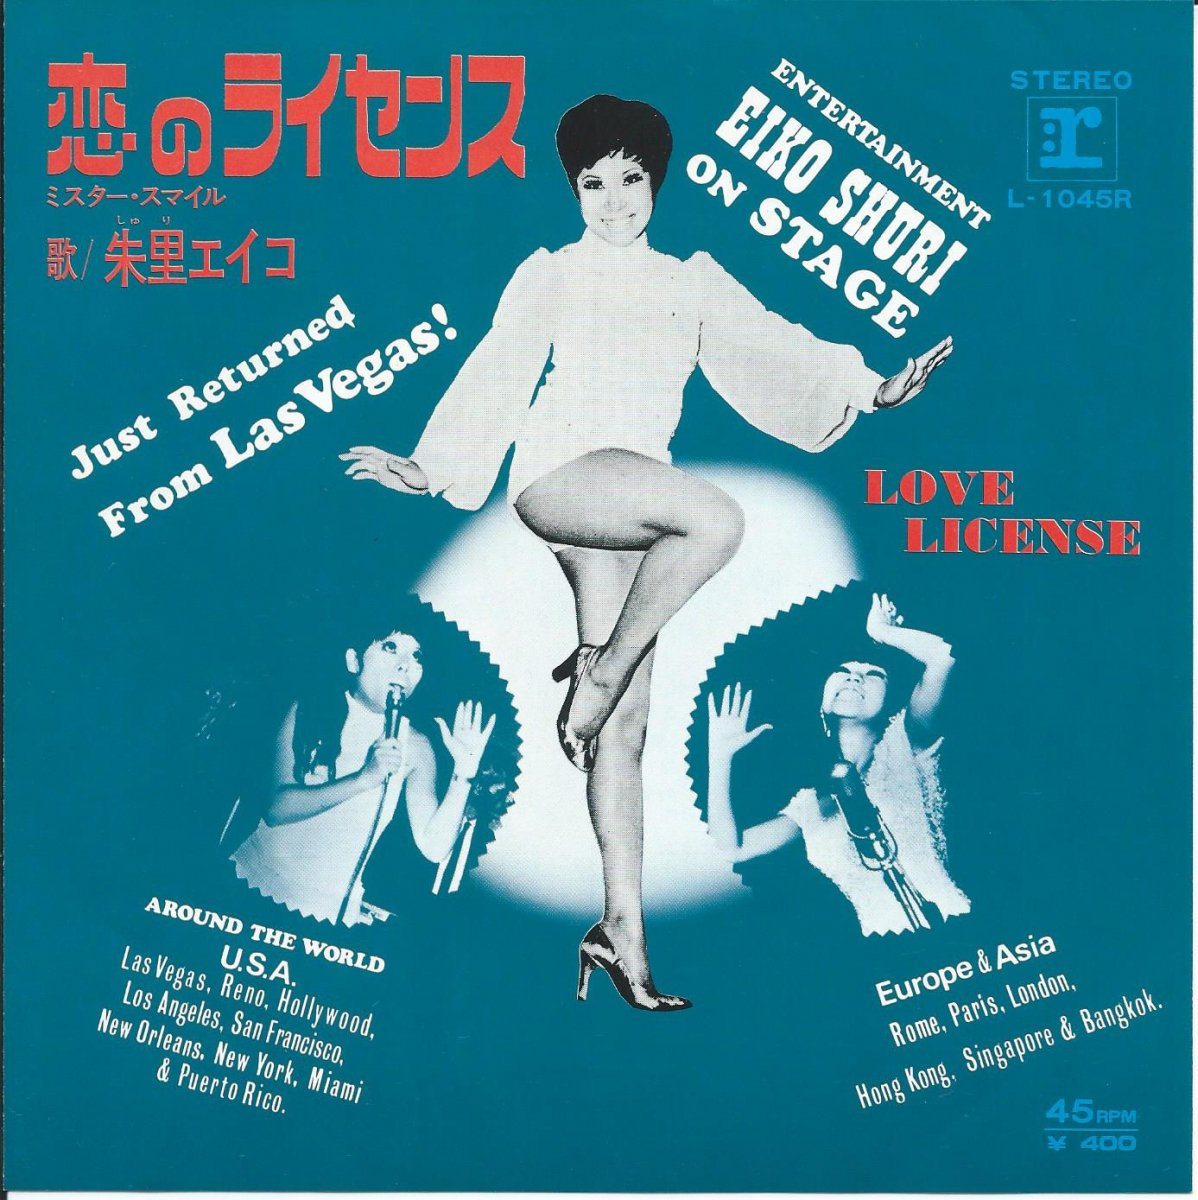 朱里エイコ EIKO SHURI / 恋のライセンス LOVE LICENSE / ミスター・スマイル MR.SMILE (7